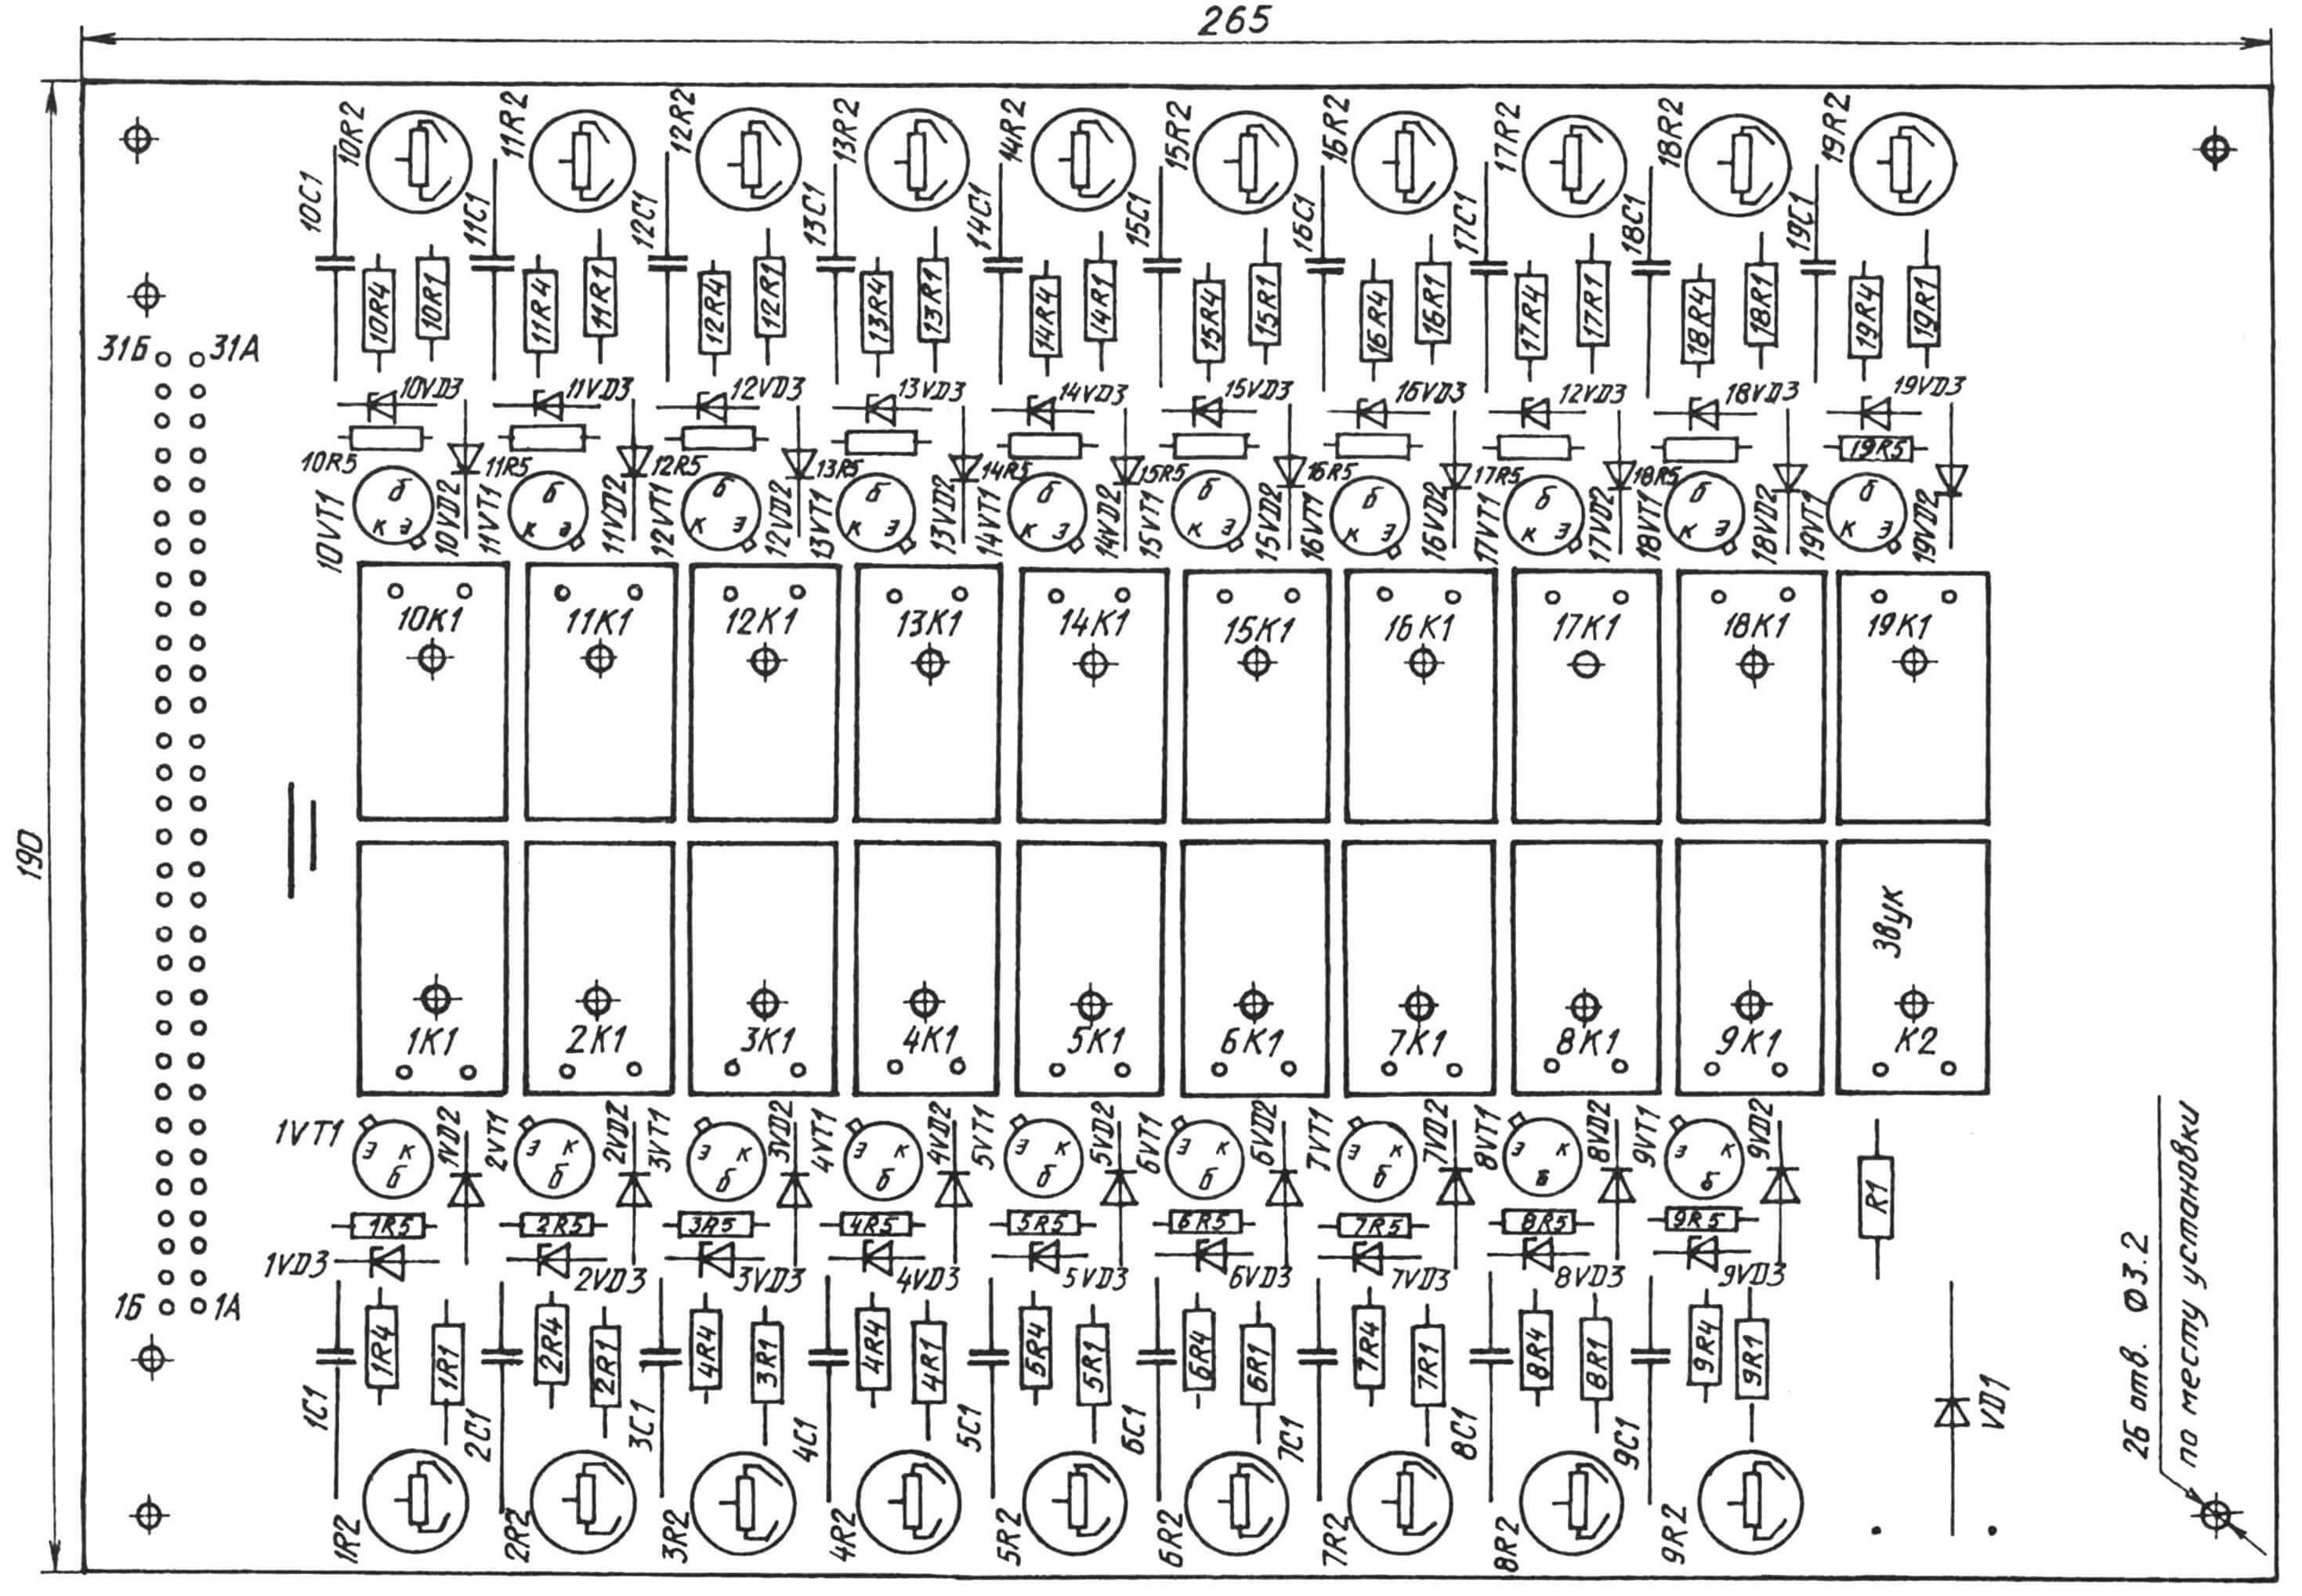 Монтажная схема и топология печатной платы устройства